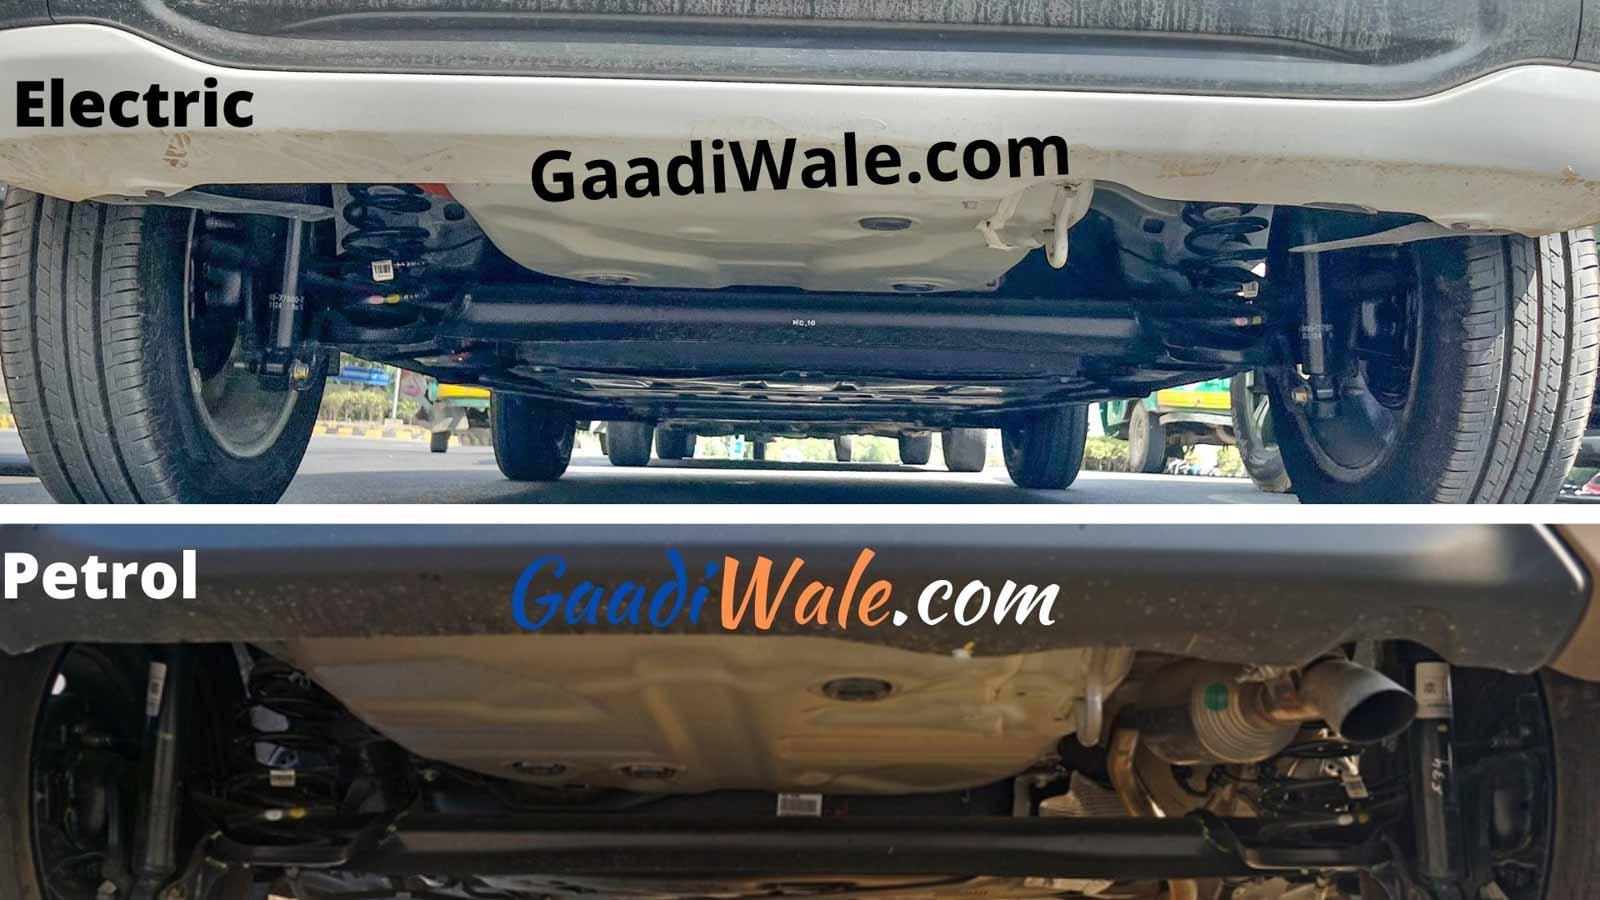 toyota-Wagon-R-Electric-2-gaadiwale-1.jpg